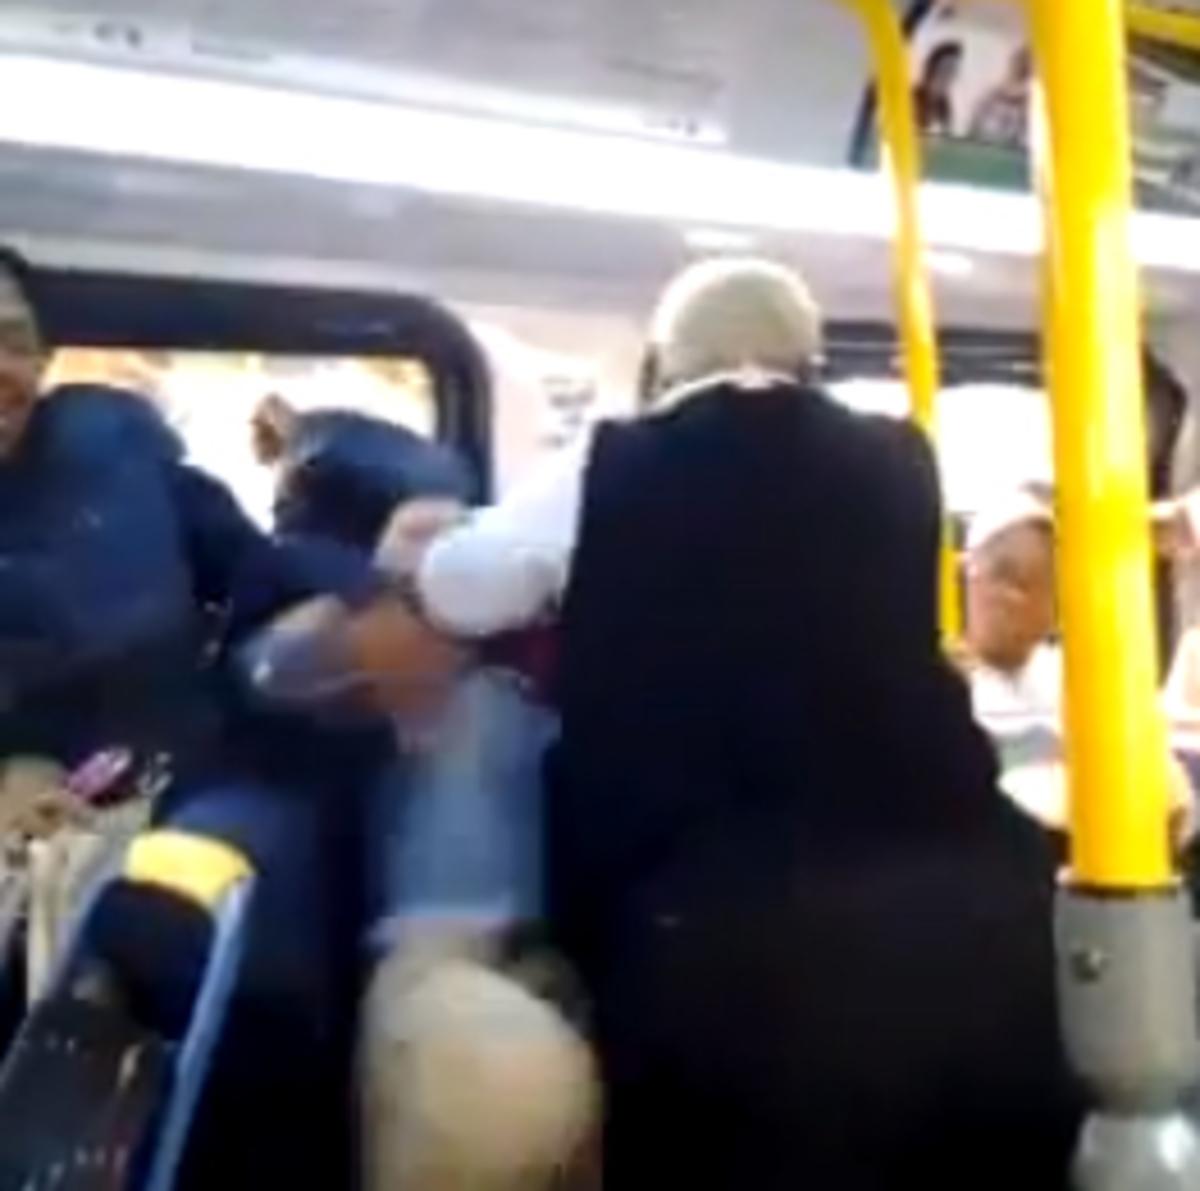 Οδηγός λεωφορείου έκανε «μαύρη» στο ξύλο μαθήτρια γιατί άκουγε δυνατά μουσική | Newsit.gr